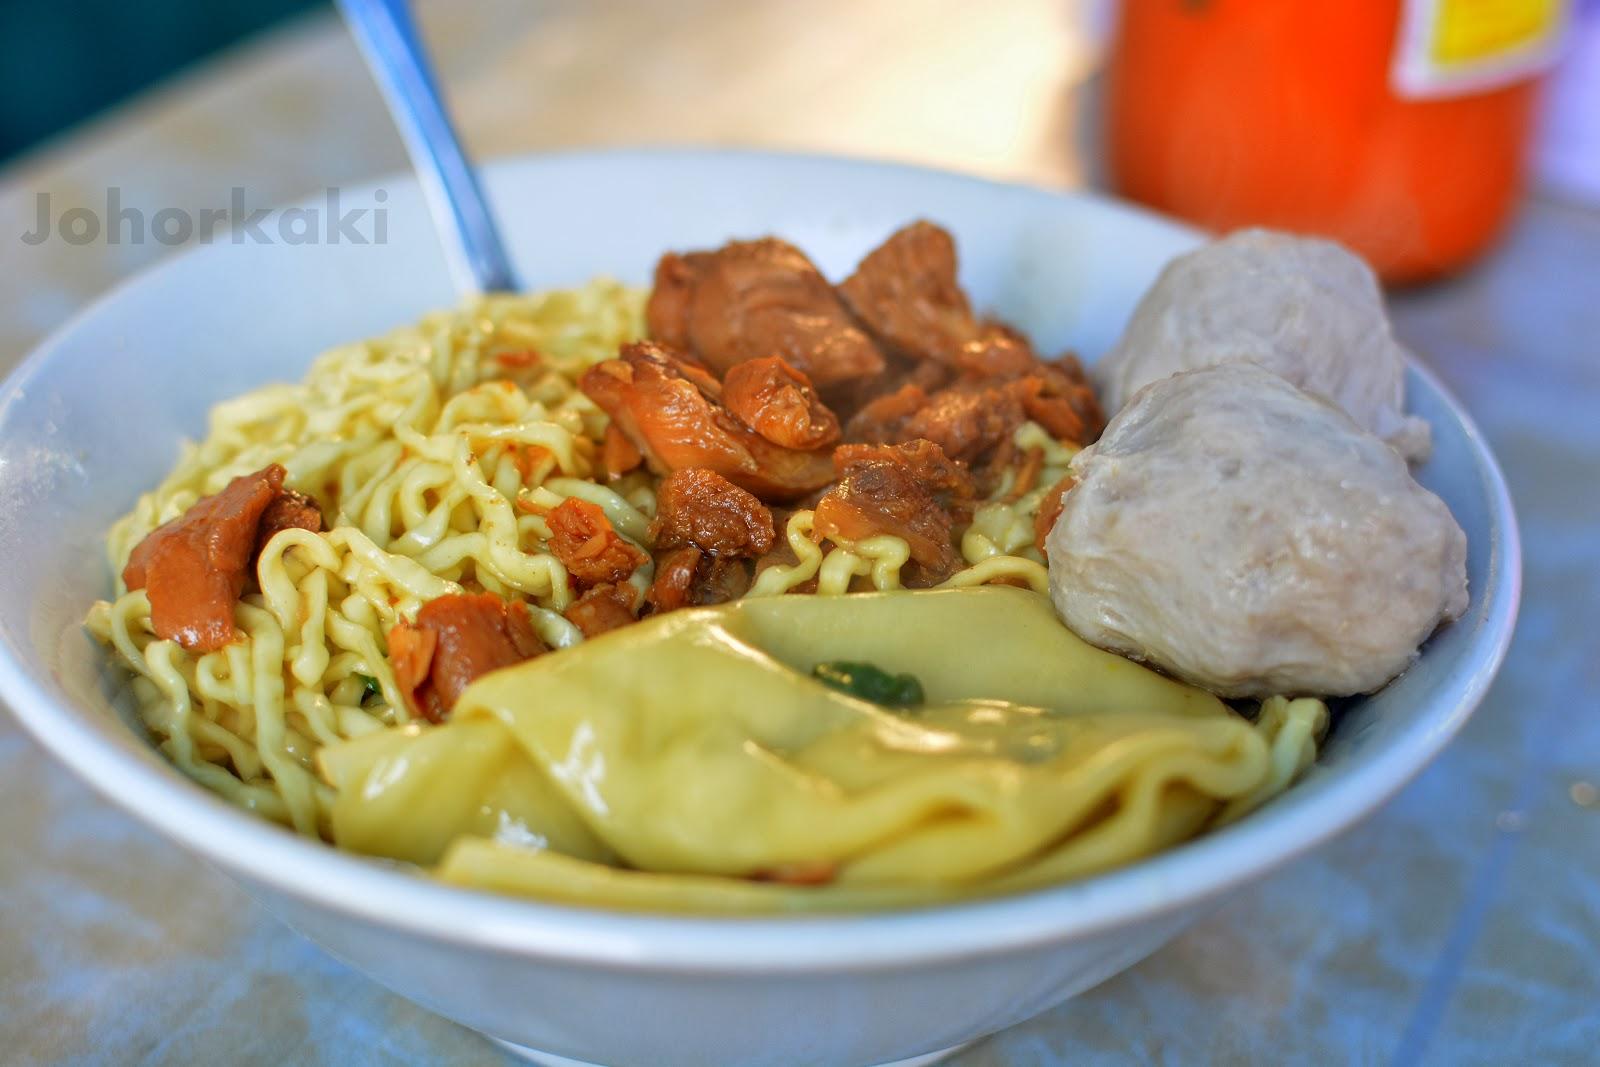 Jakarta street food johor kaki food travel for Cuisine kaki